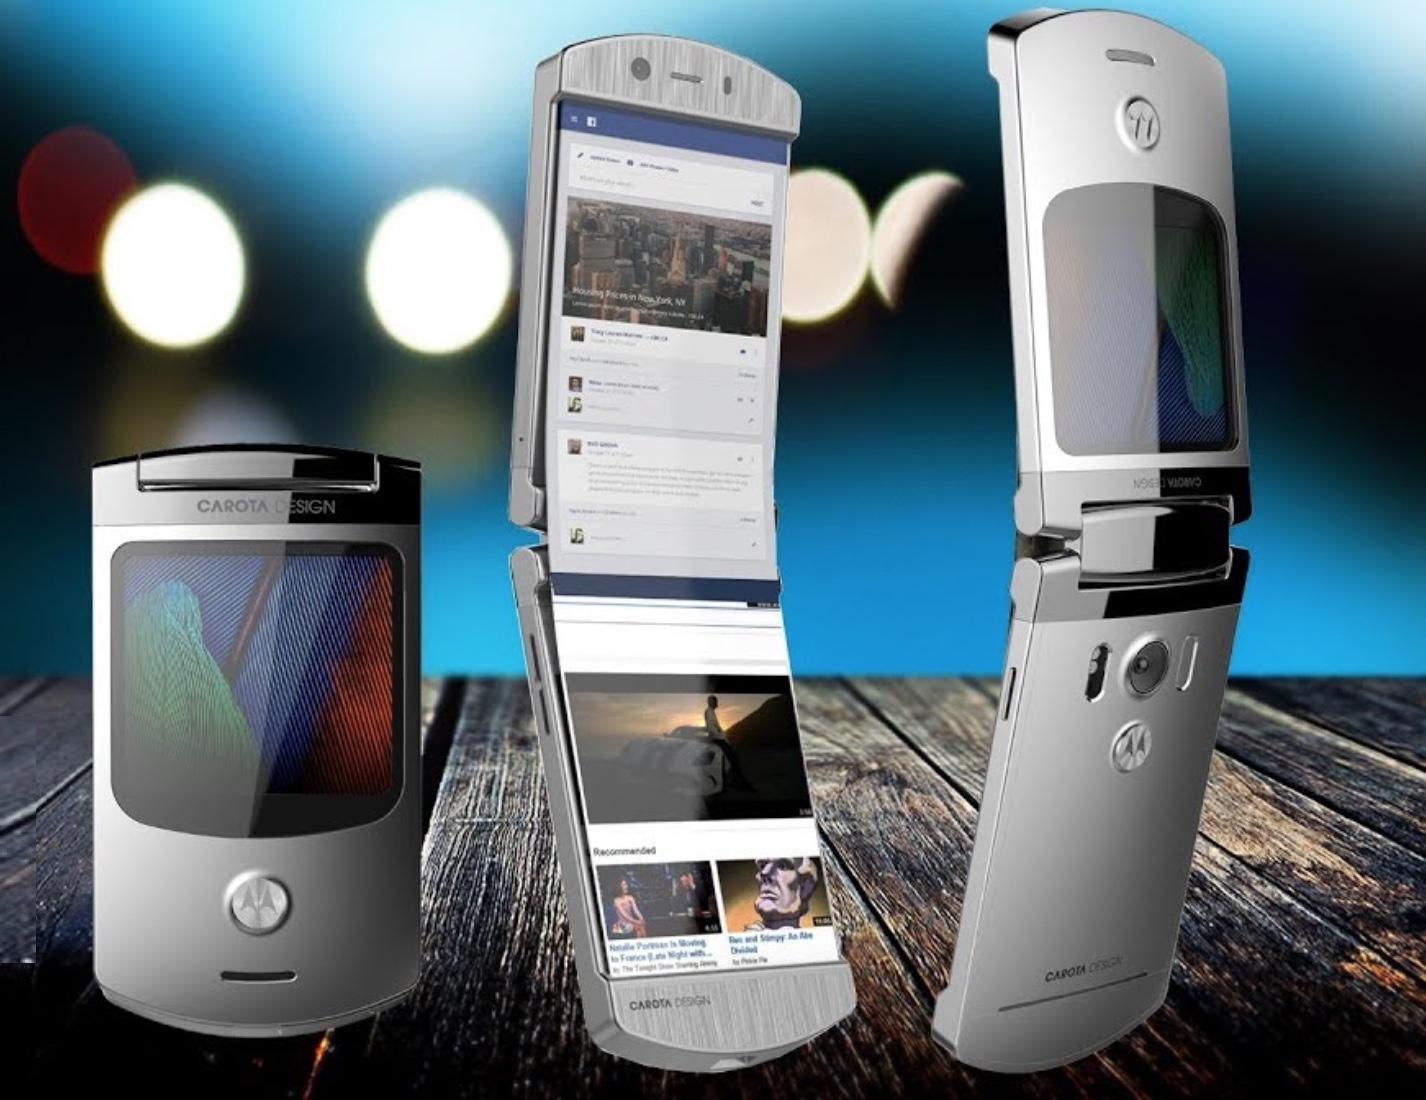 Il Motorola Razr foldable costerà 1.200 dollari